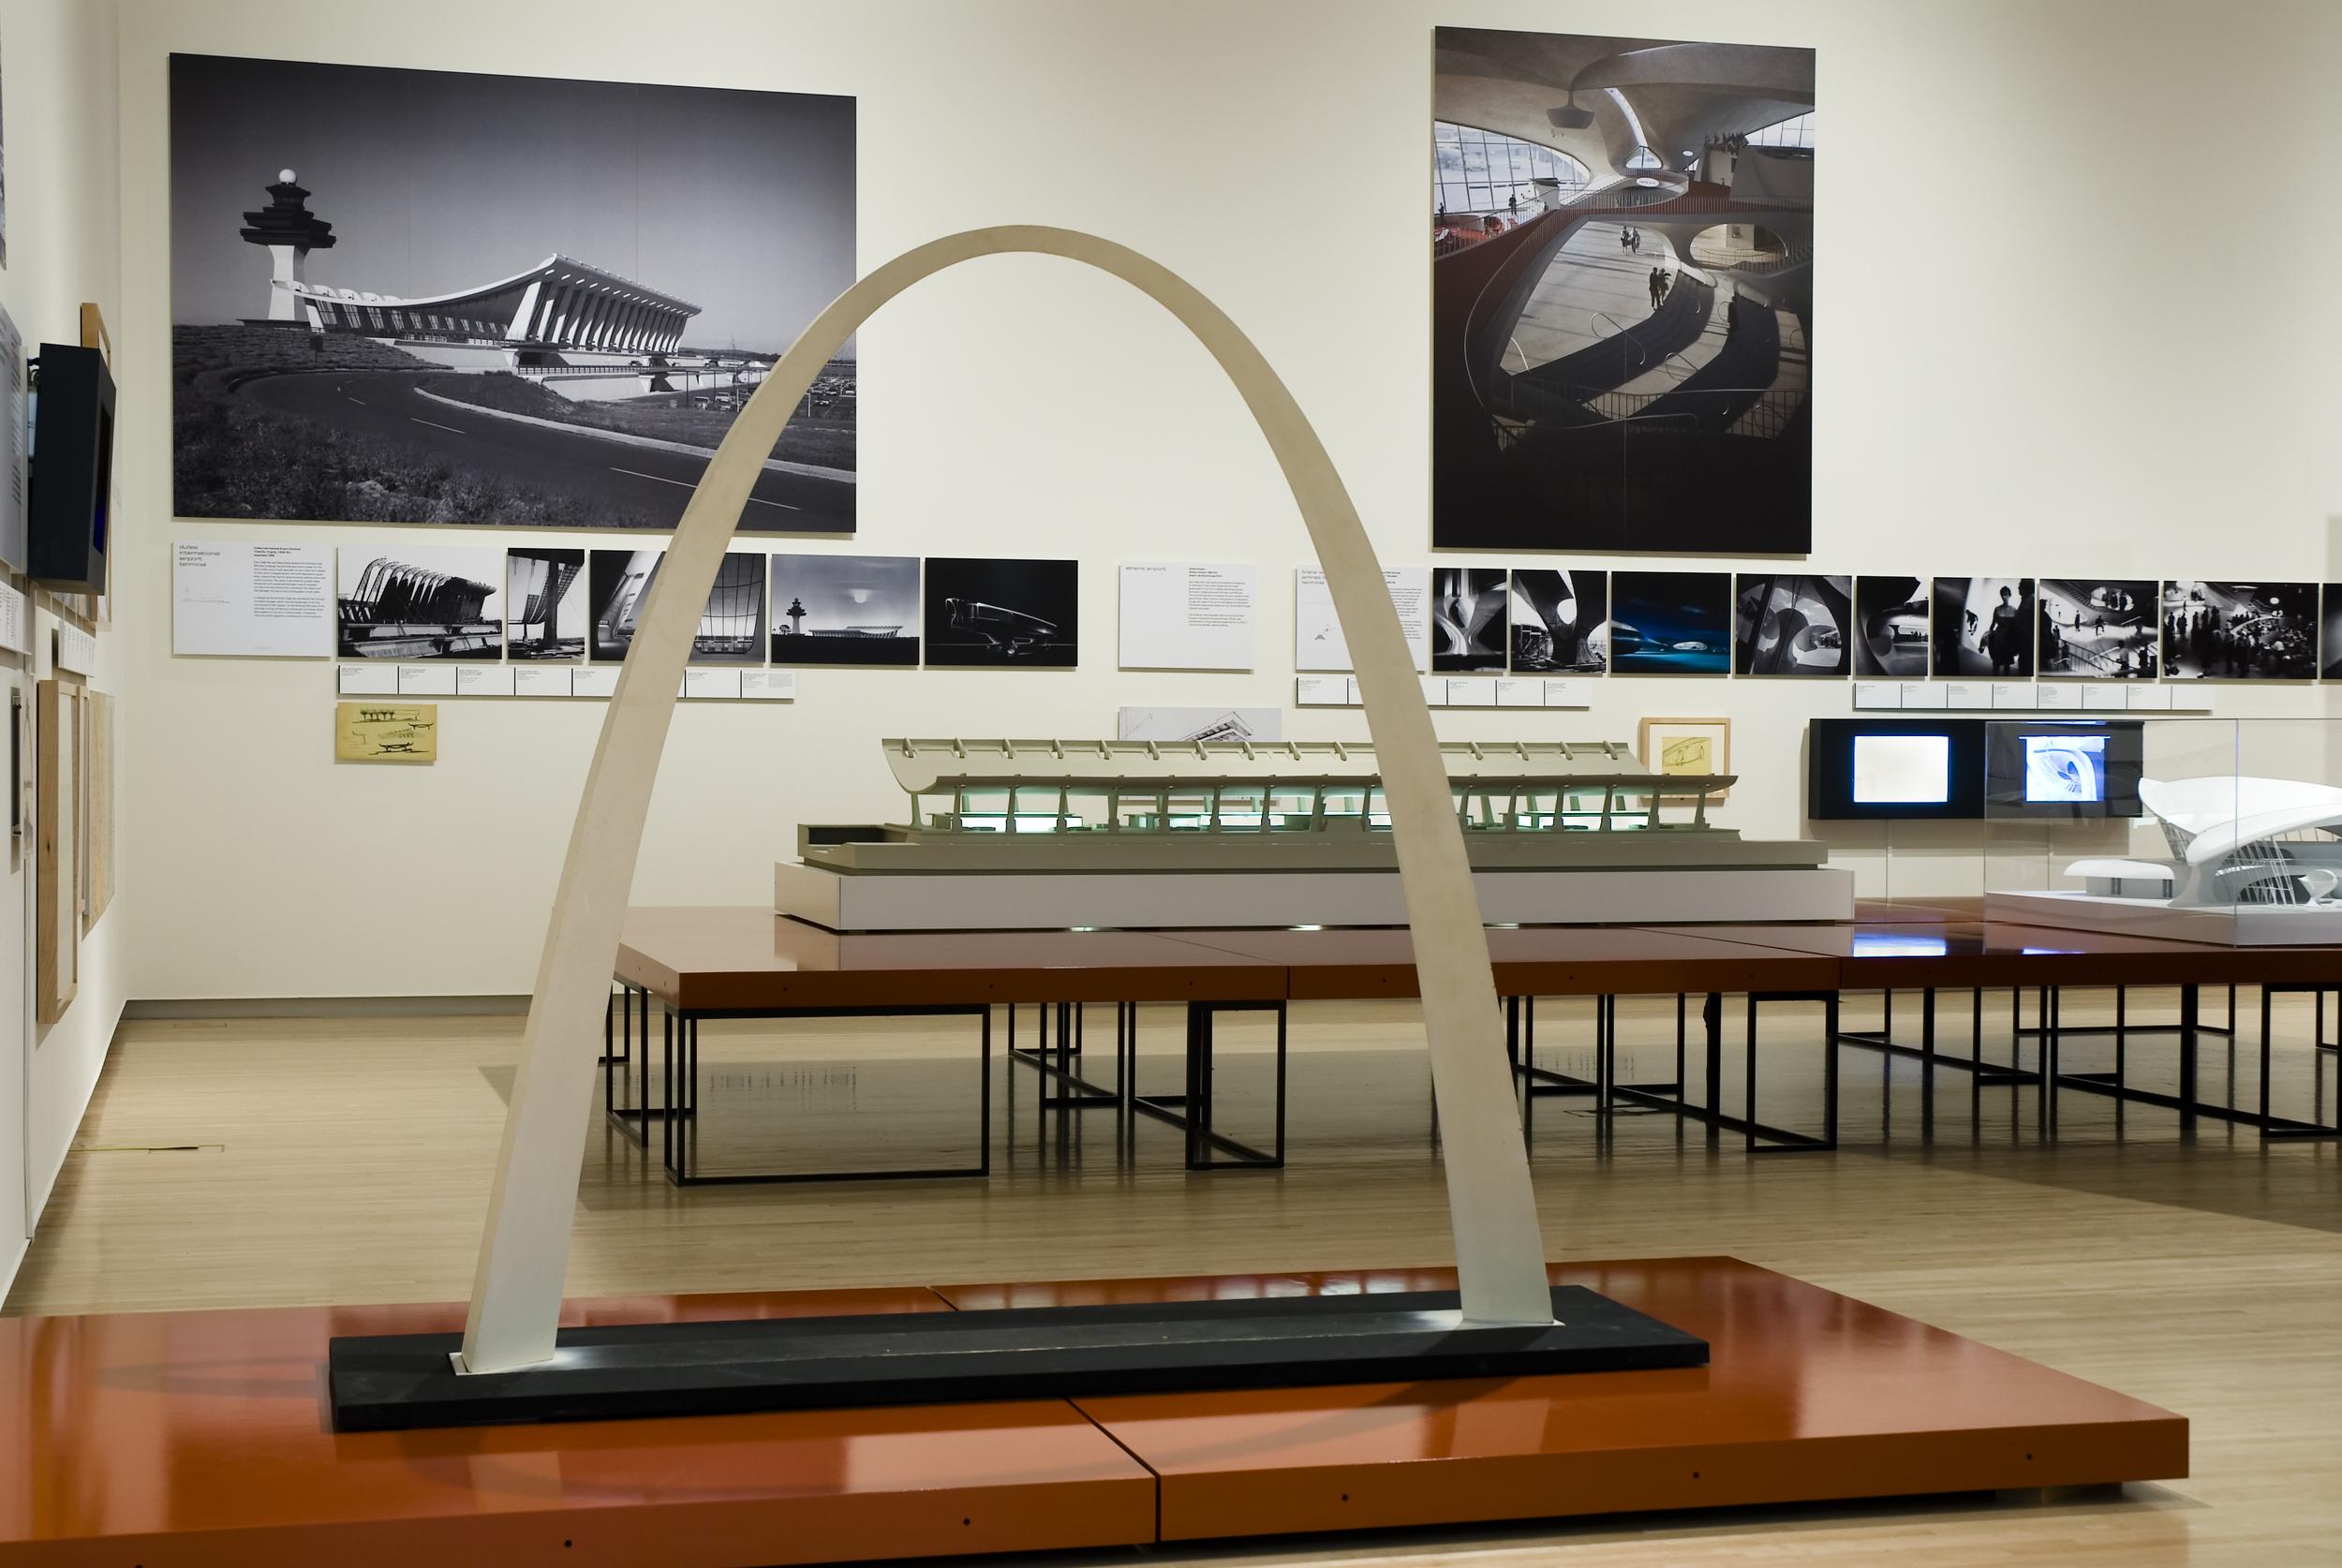 Installation view, (c) Tarja Tuppurainen